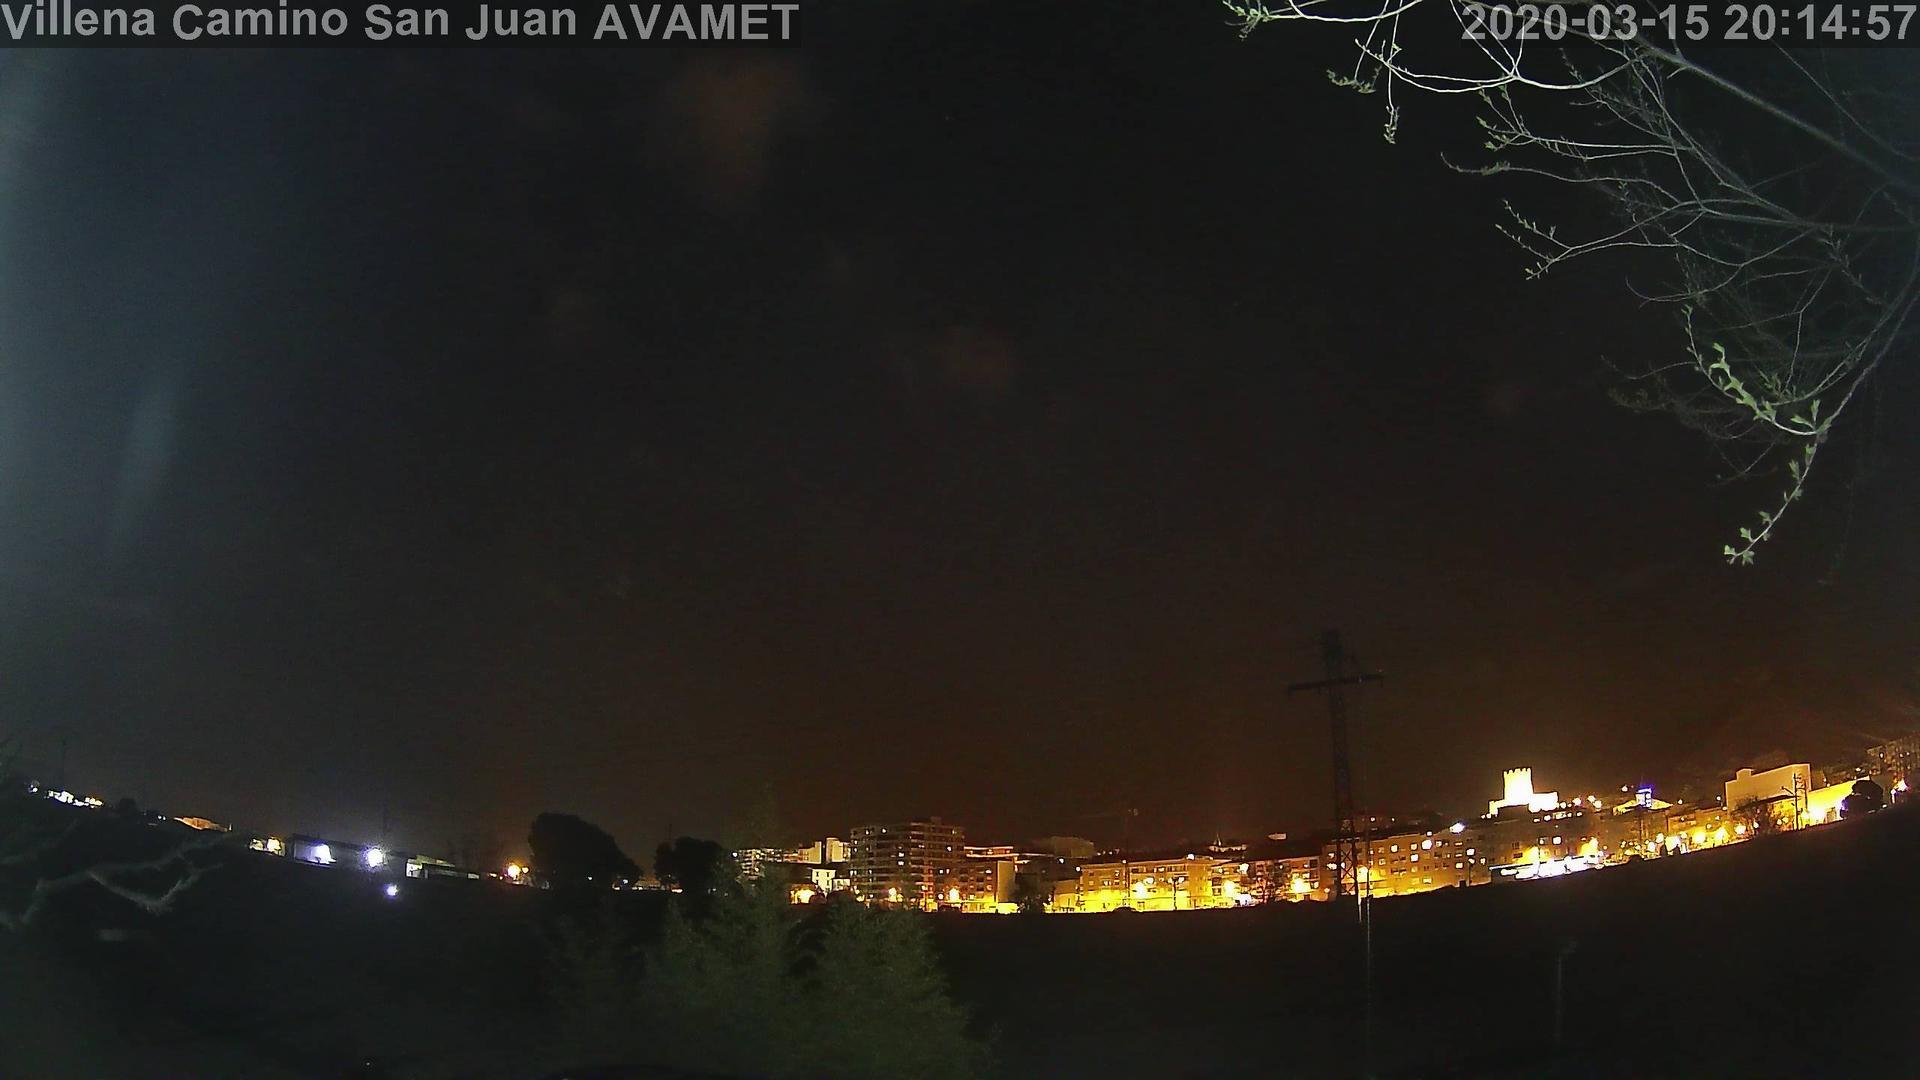 Webcam Villena › North: Serra de la Vila